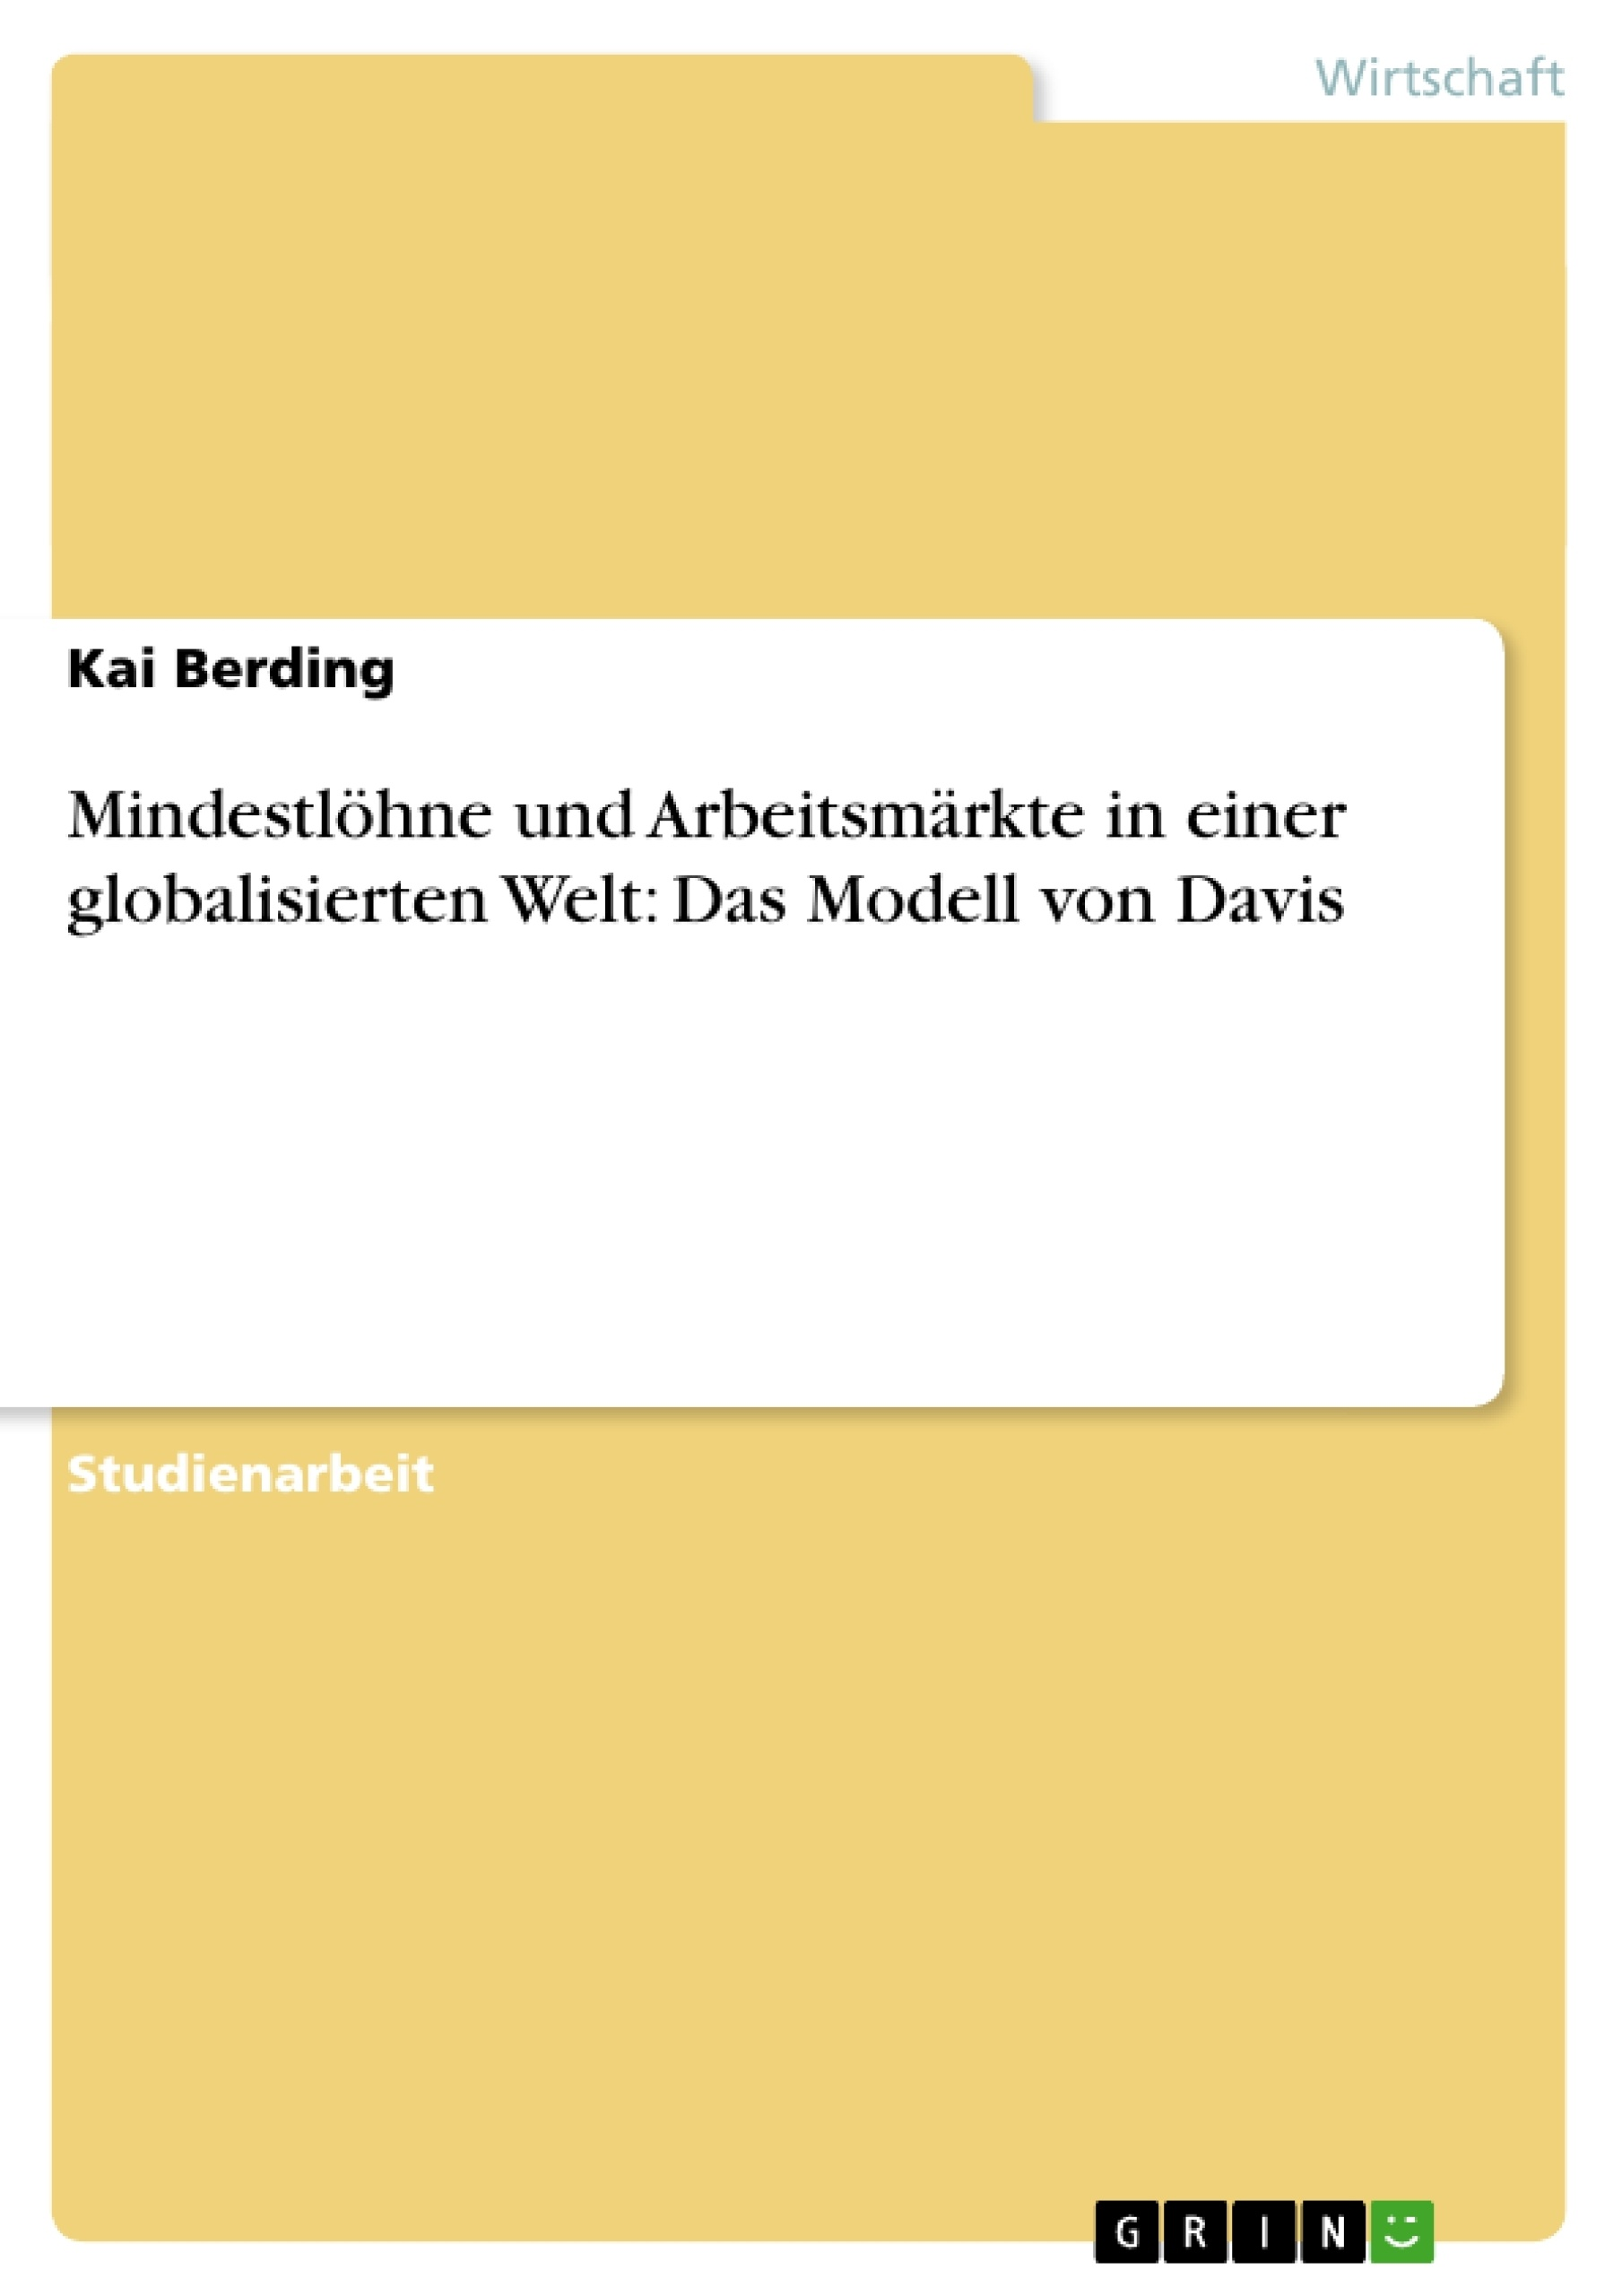 Titel: Mindestlöhne und Arbeitsmärkte in einer globalisierten Welt: Das Modell von Davis